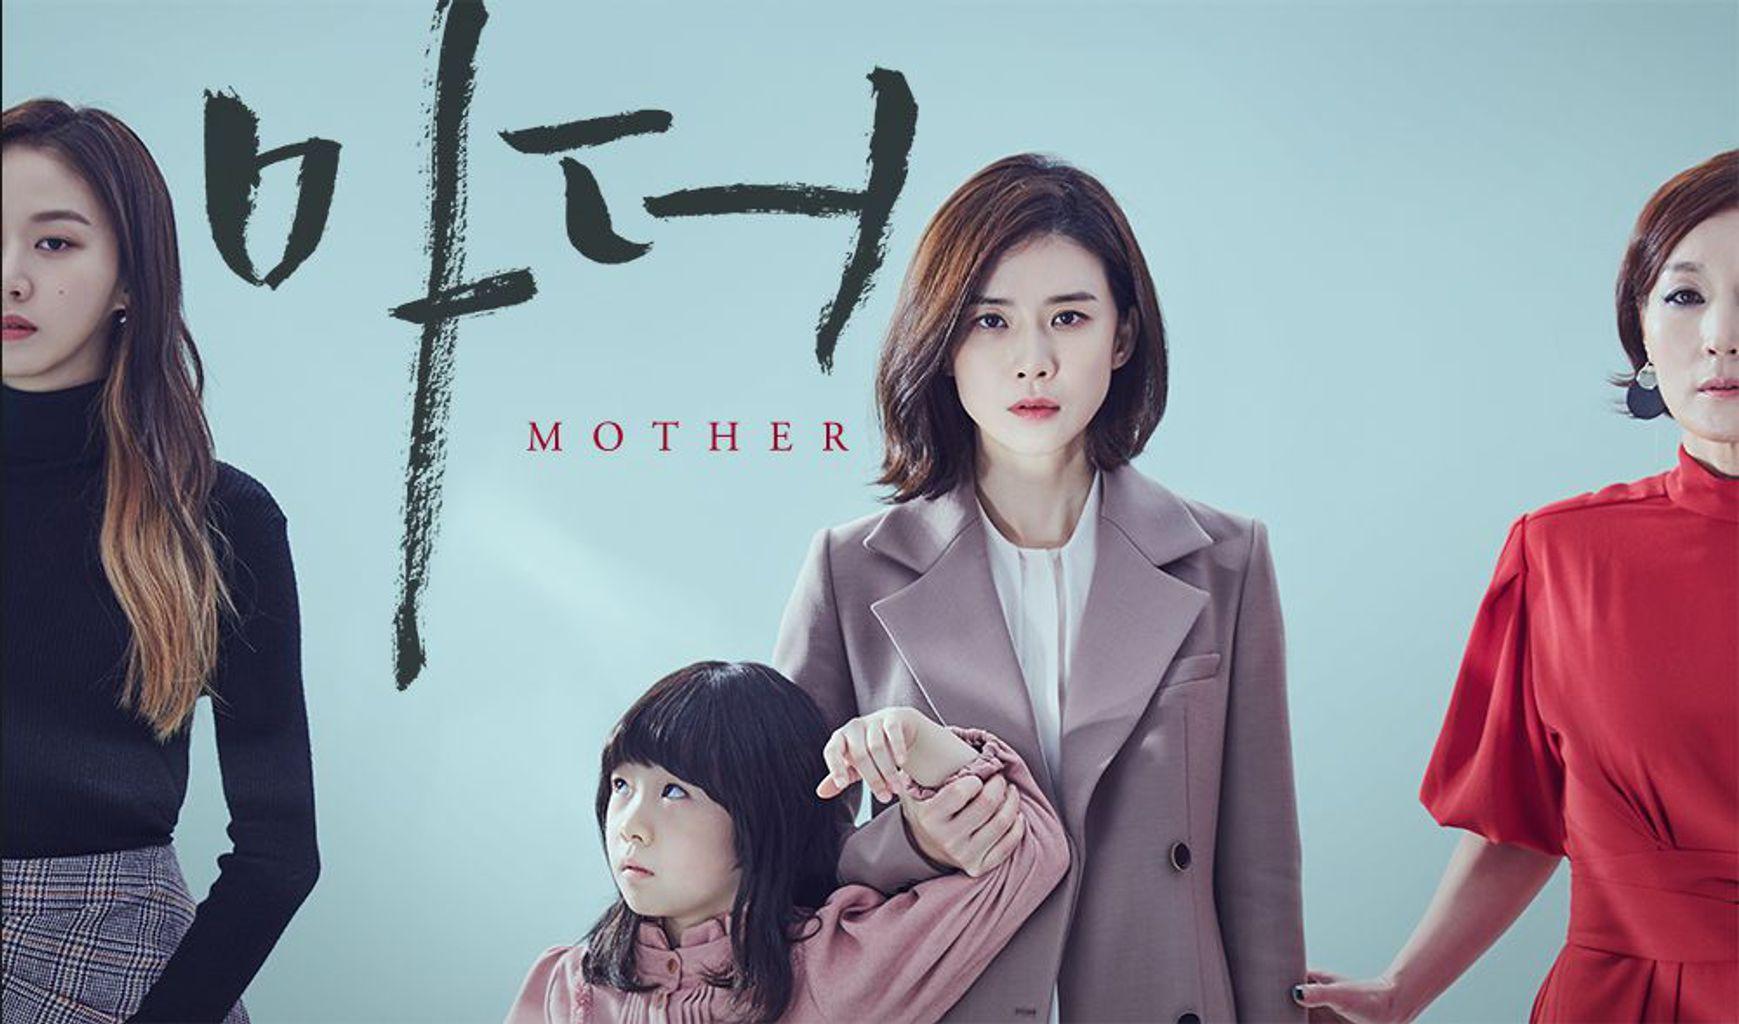 Mother 兩個媽媽第13集 免費線上看 韓劇 LINE TV-精彩隨看